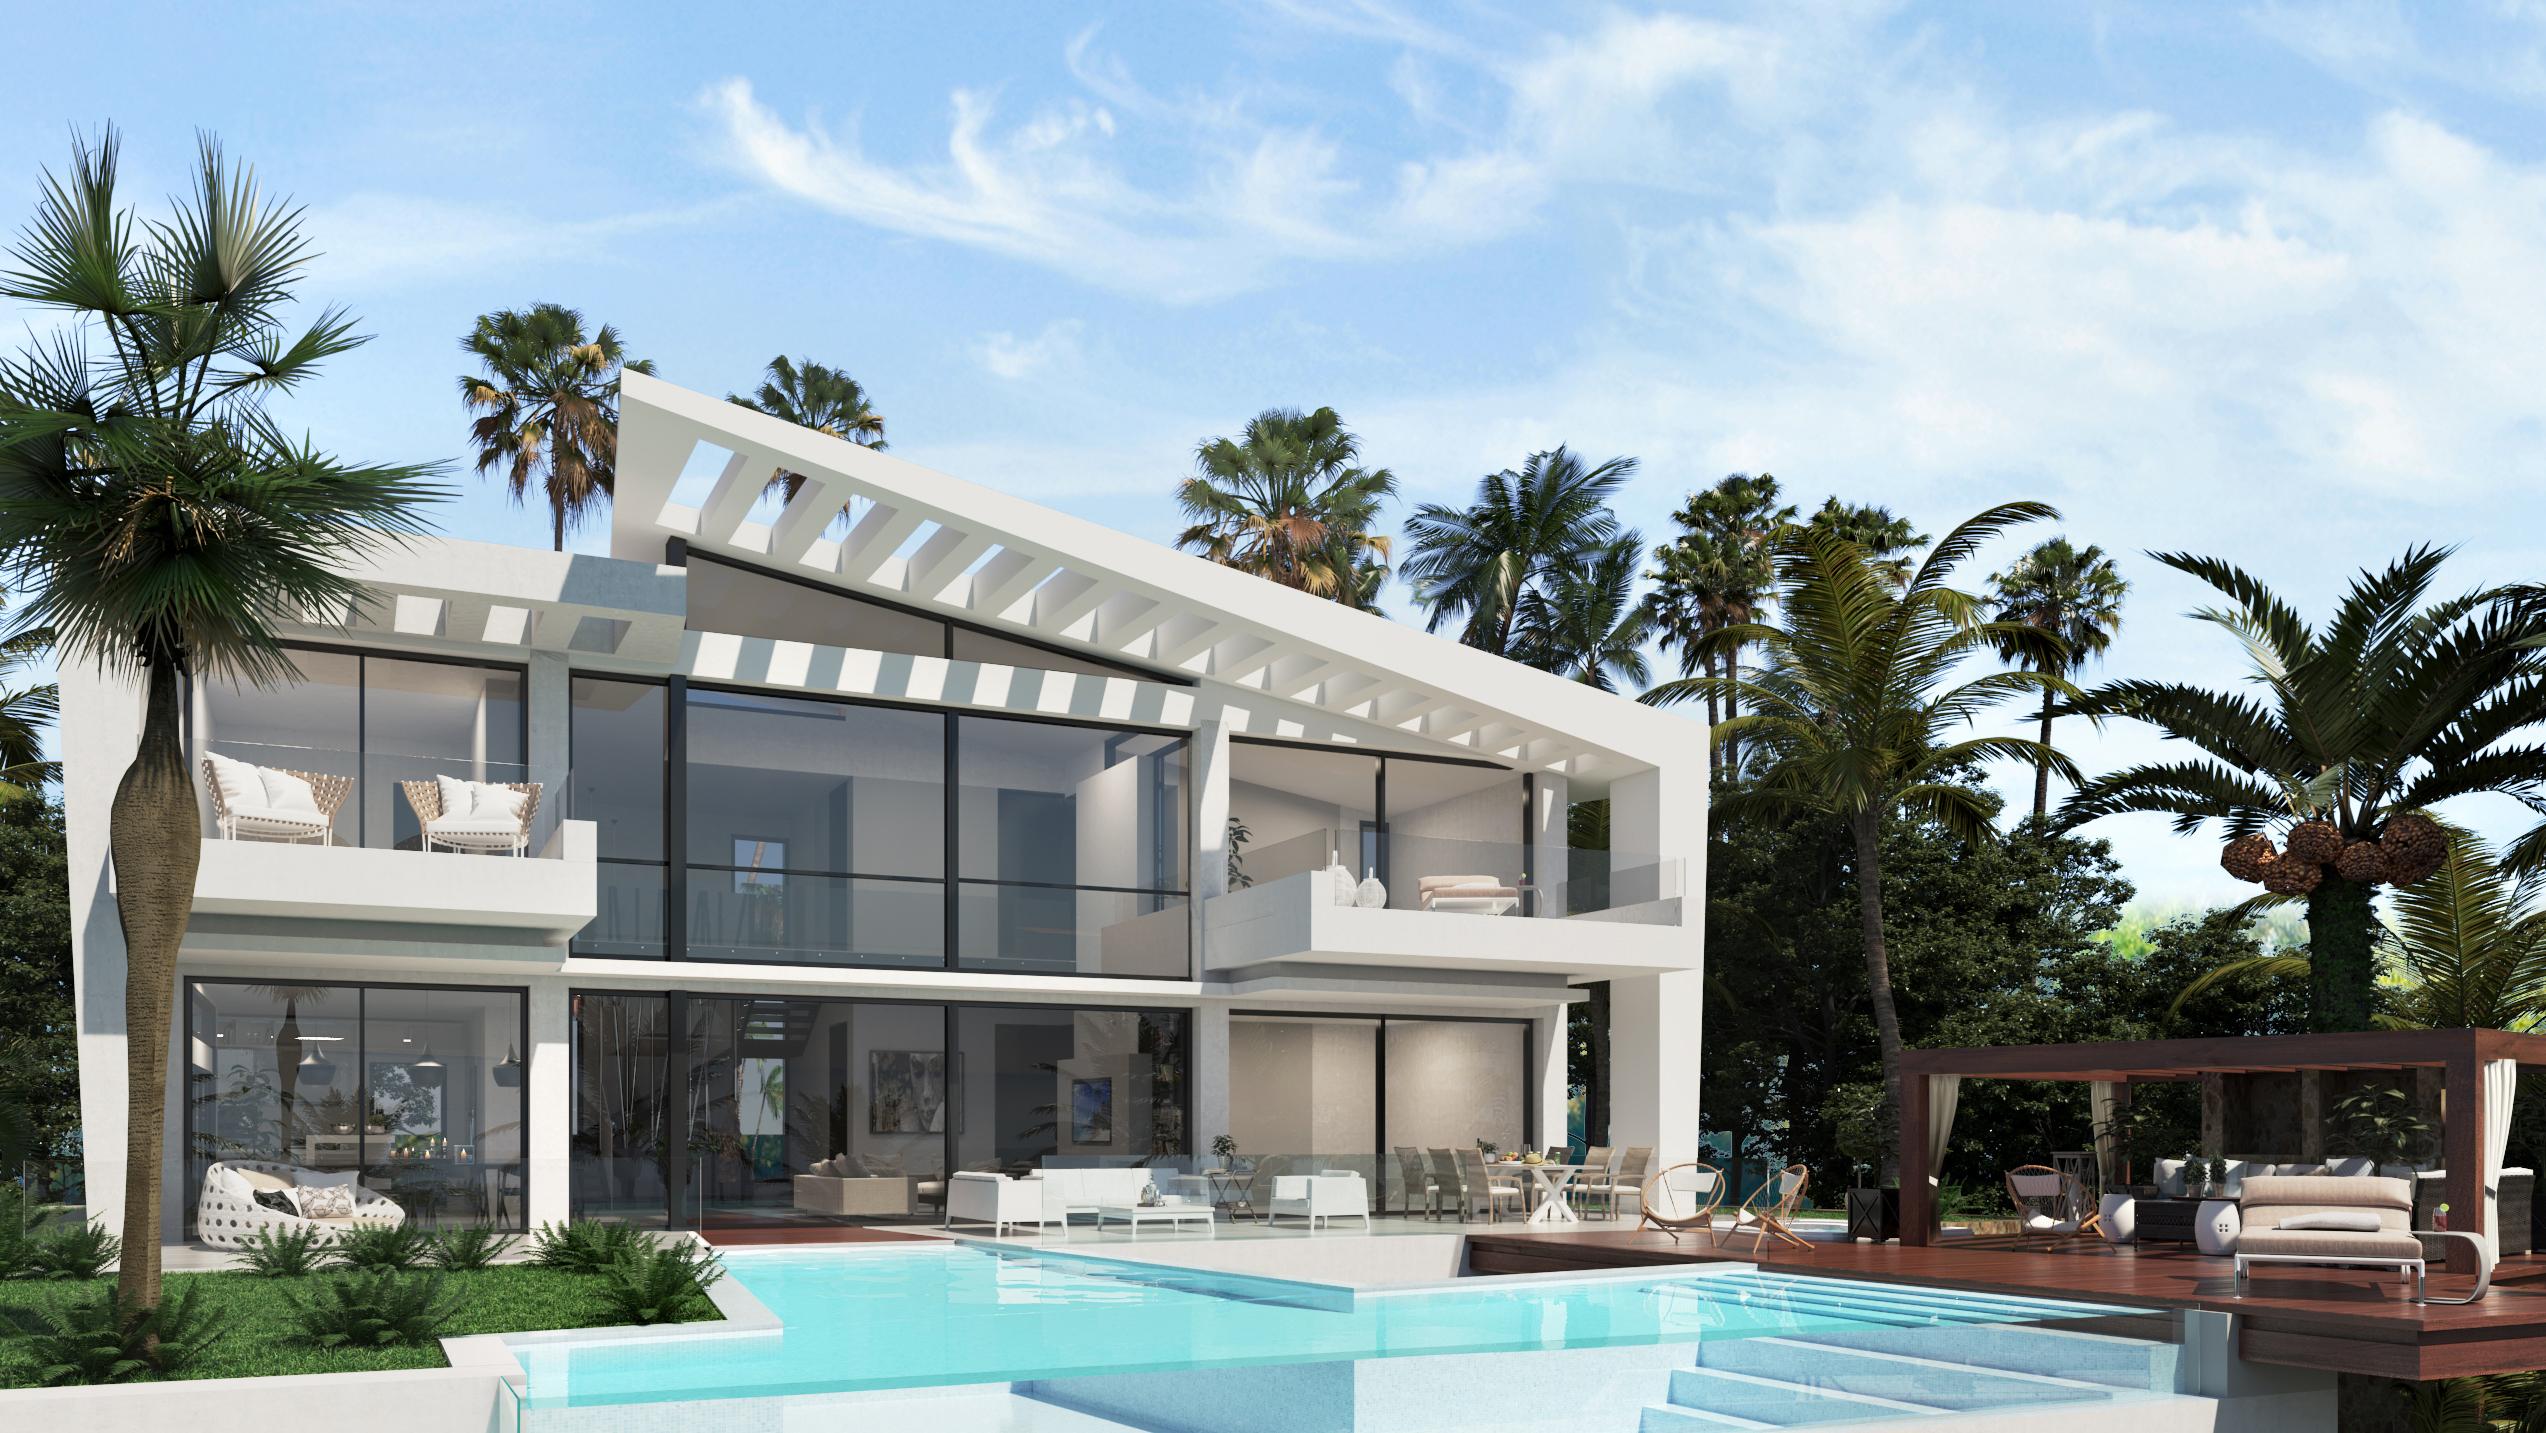 Villa Passive house de lujo en la costa del sol